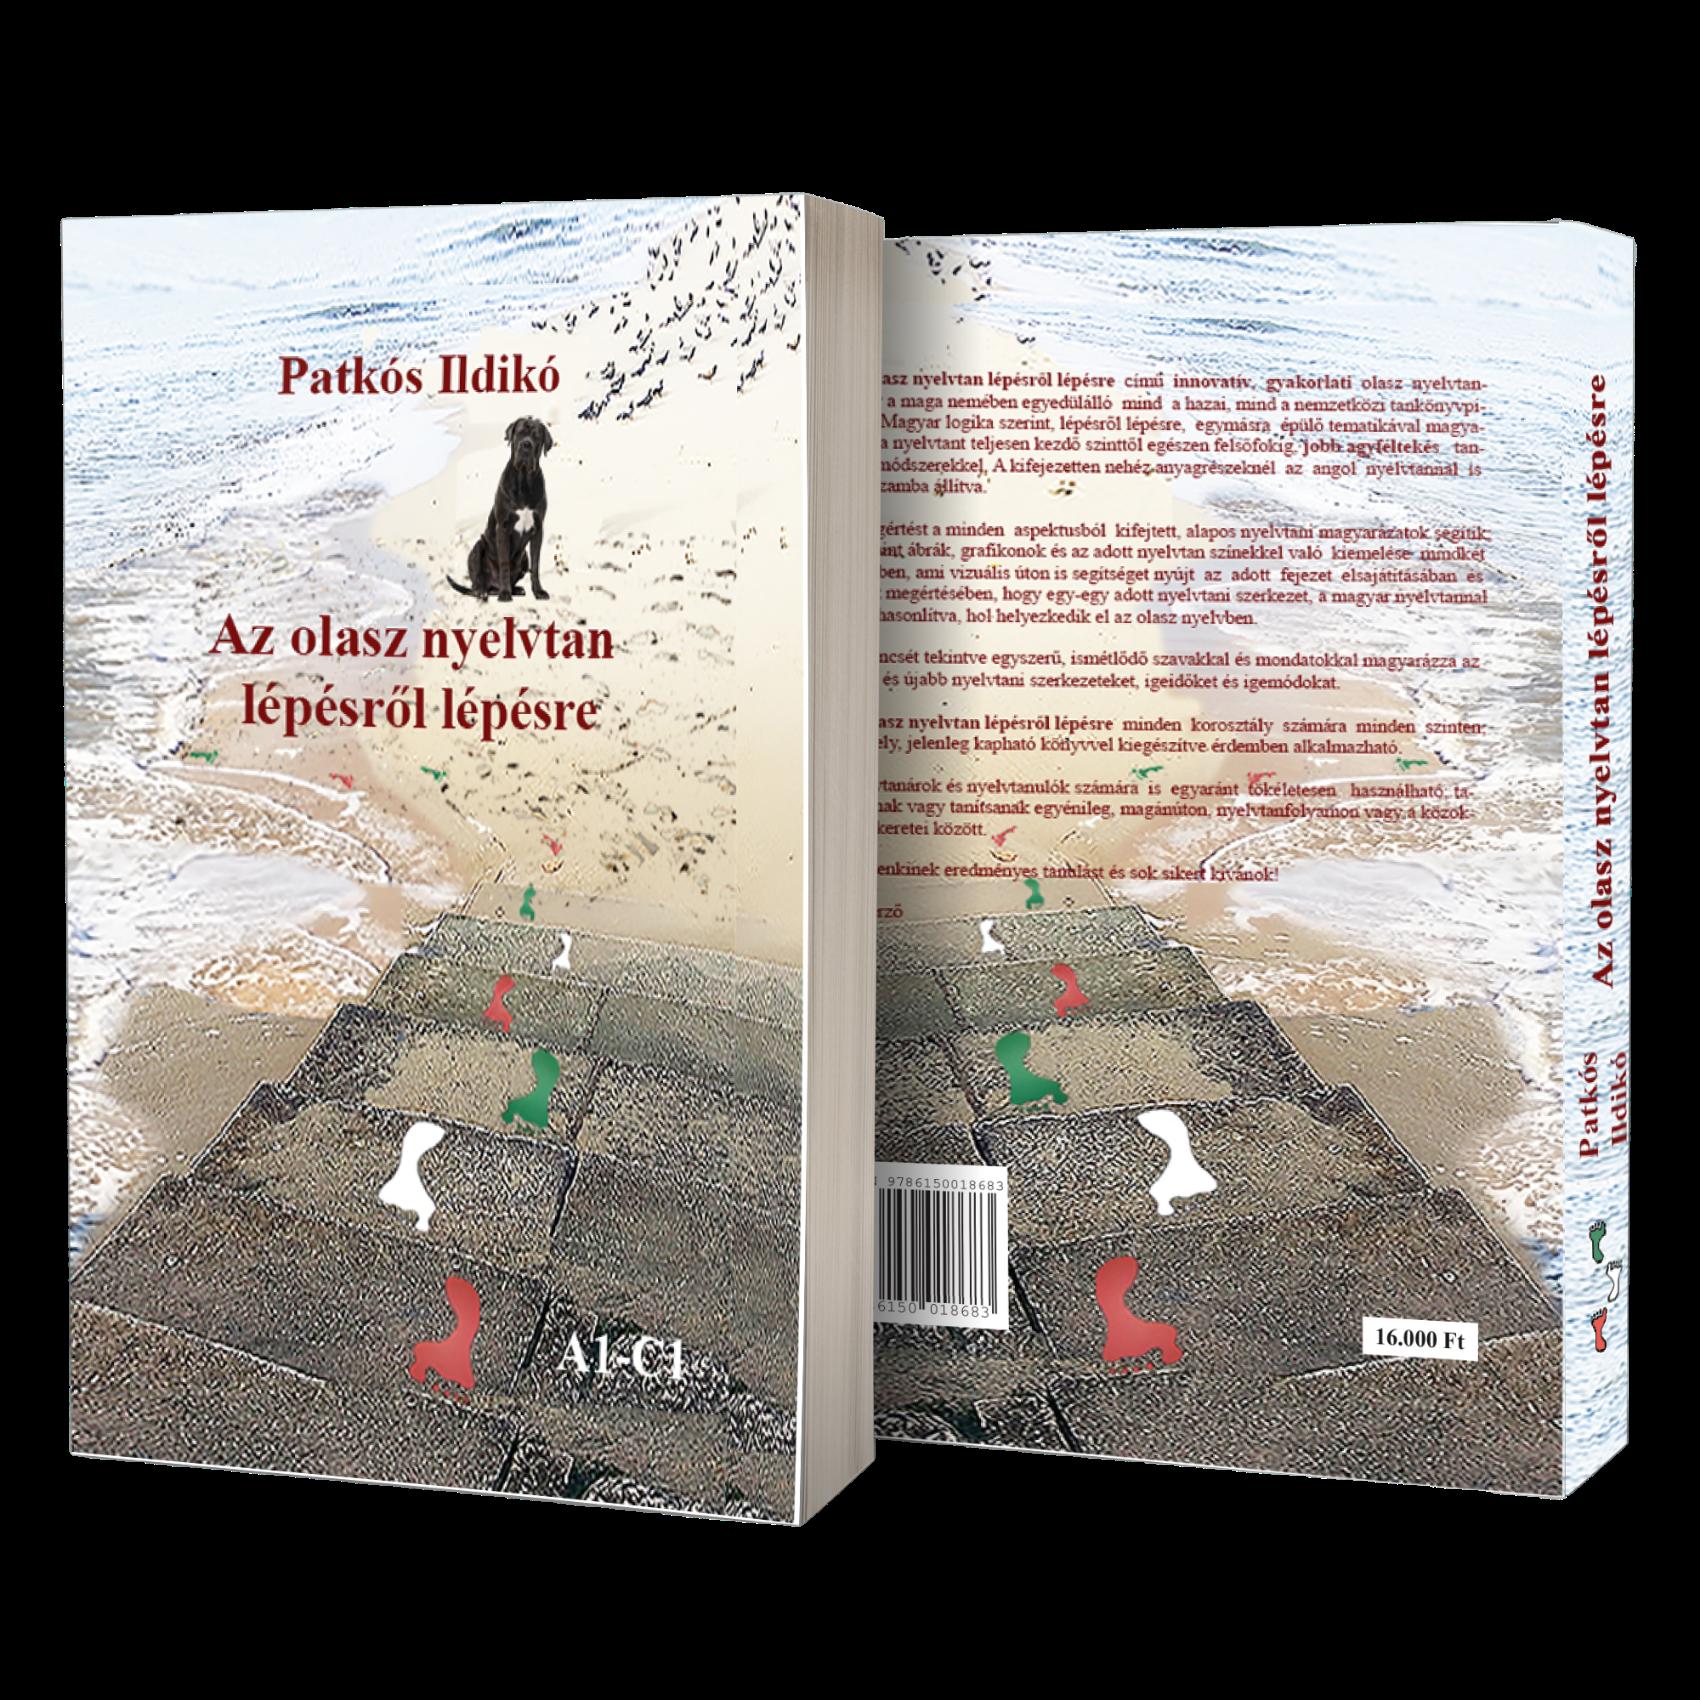 Olasz nyelvtan lépésről lépésre c. könyv